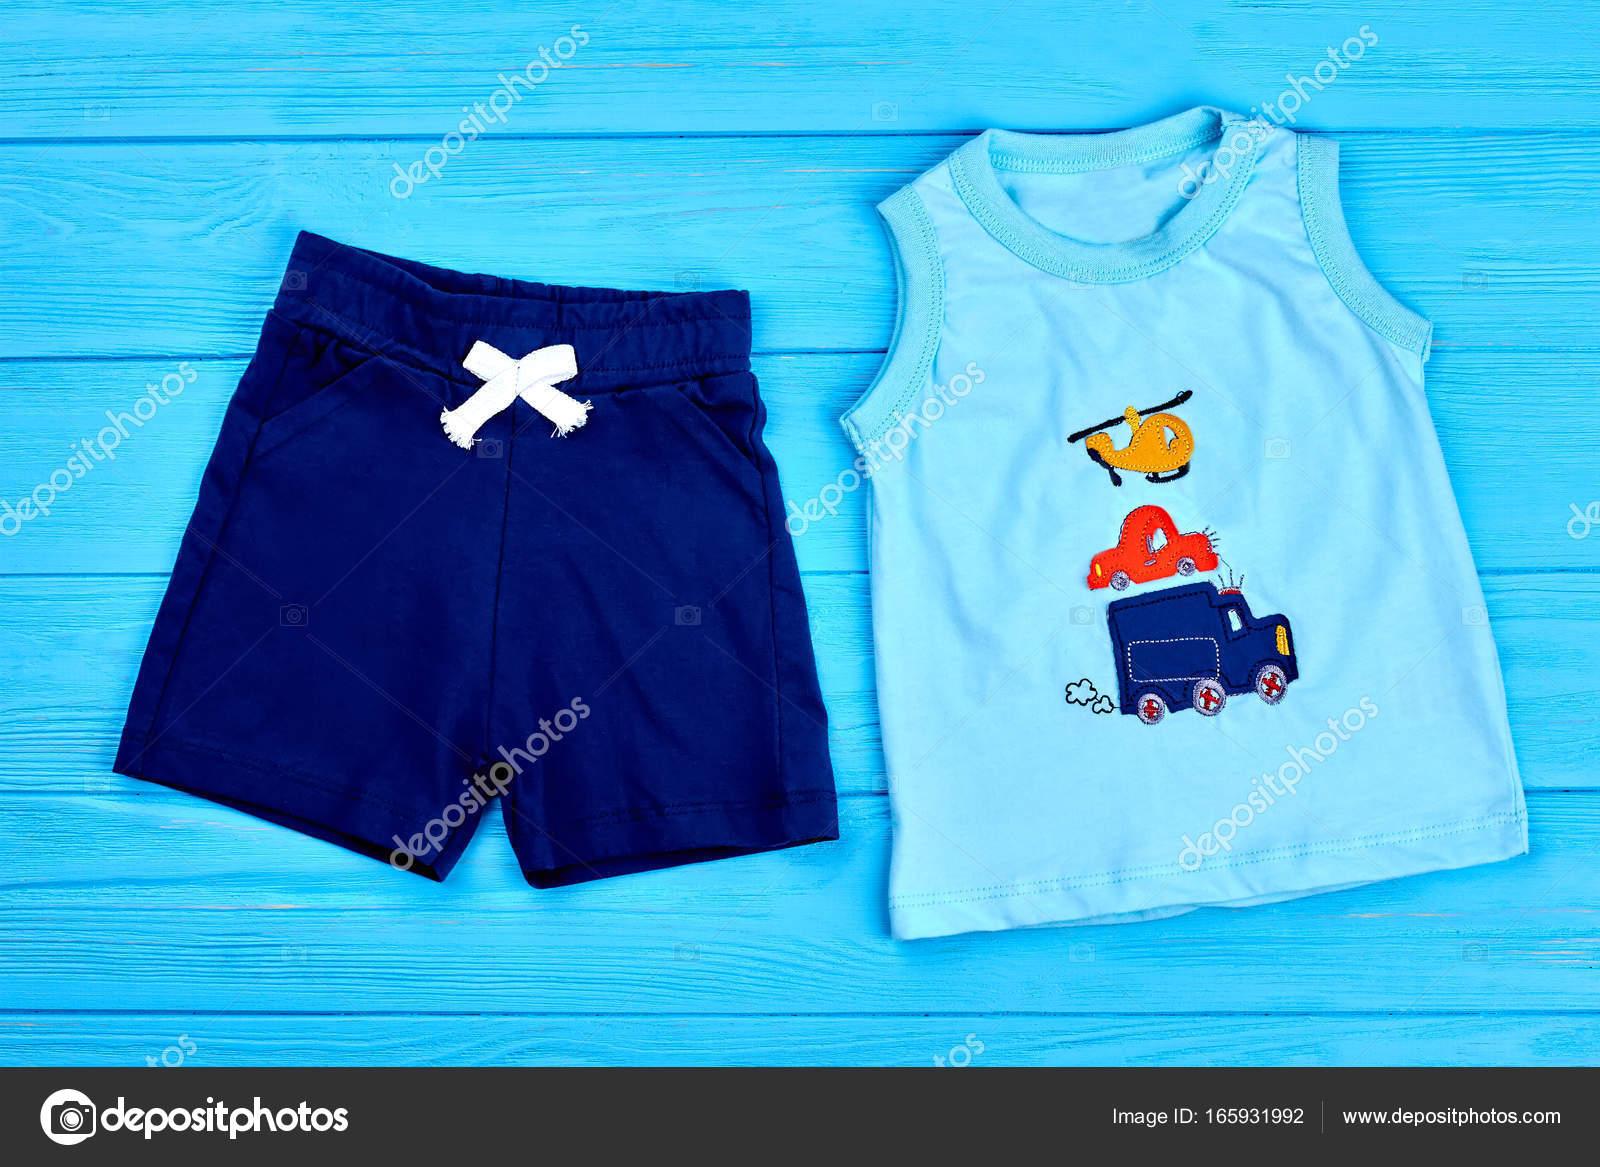 Vestito estivo cotone moda bambino ragazzo u2014 foto stock